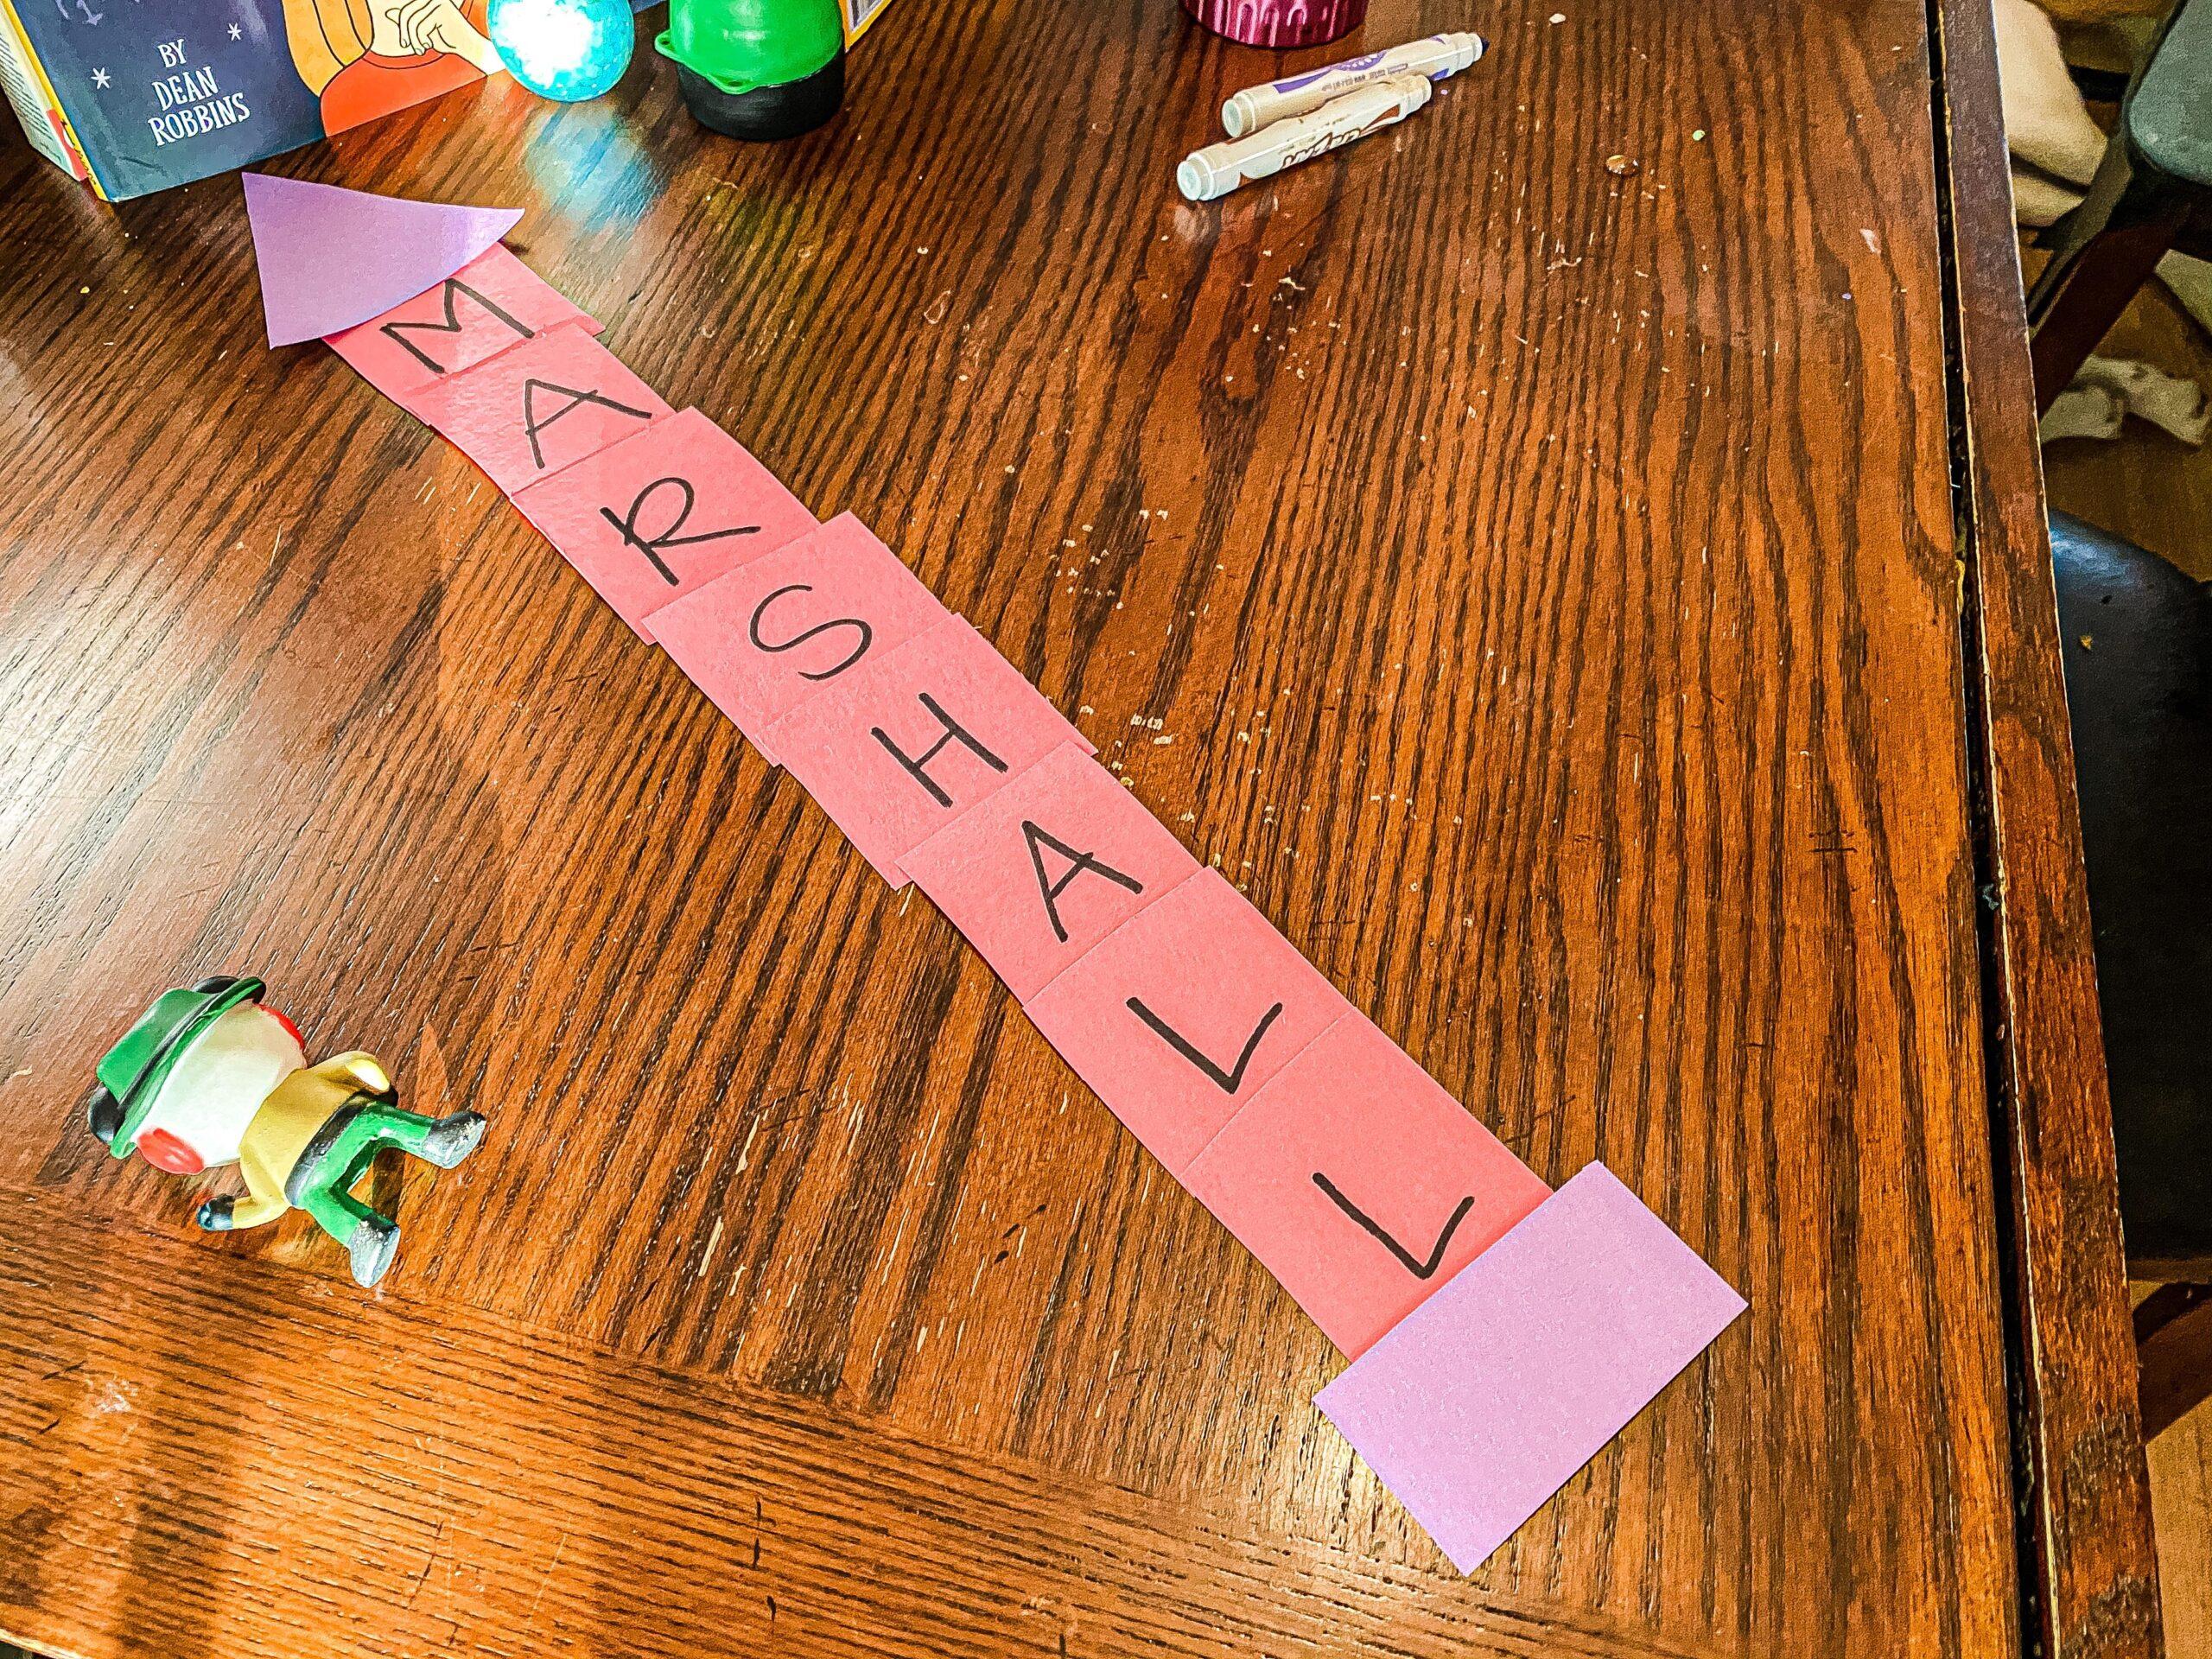 Rocket Name Building Activity for Preschoolers